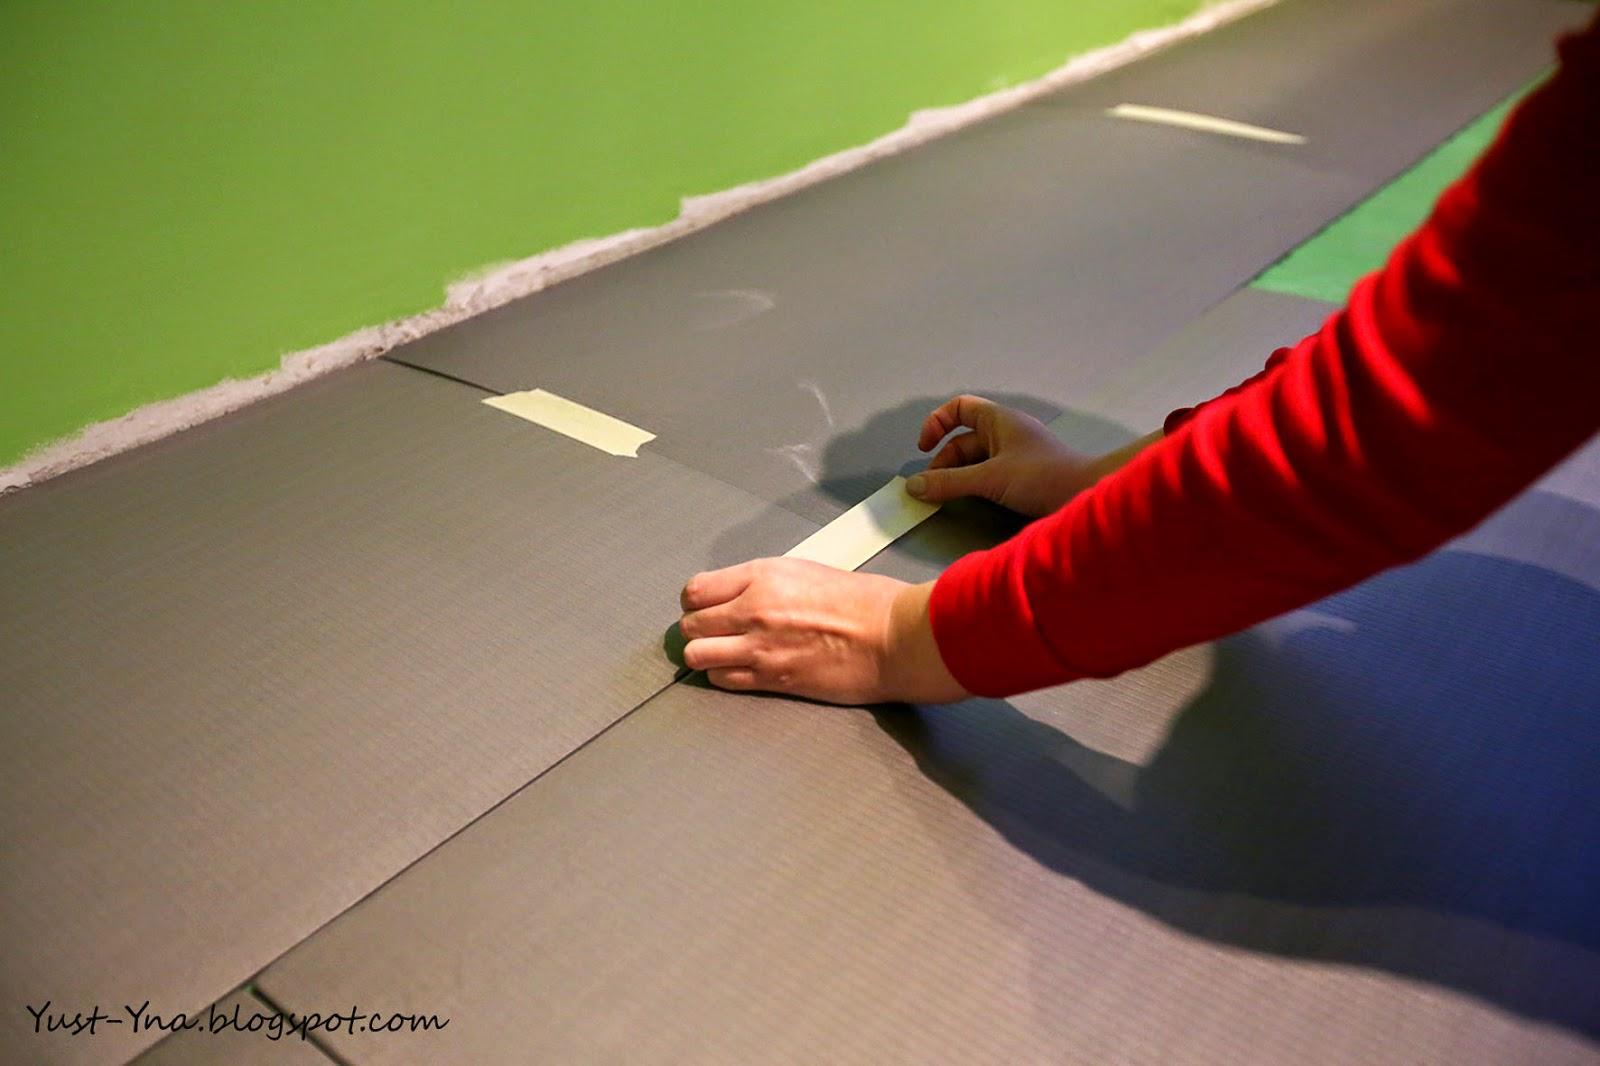 Krok po kroku jak położyć panele podłogowe